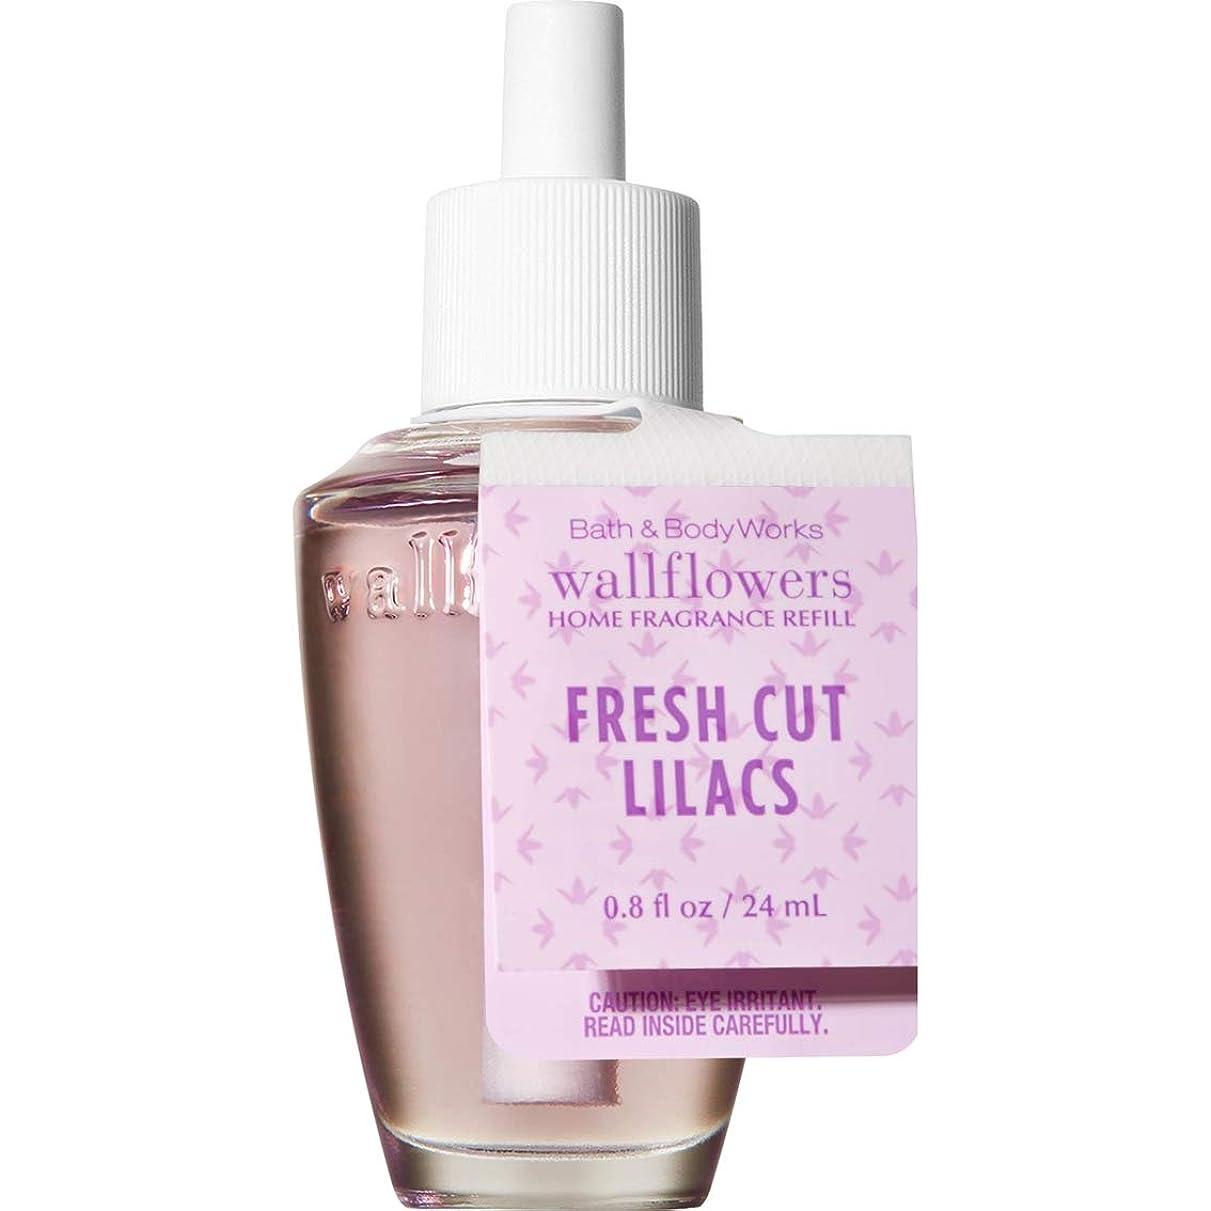 値する涙服を片付ける【Bath&Body Works/バス&ボディワークス】 ルームフレグランス 詰替えリフィル フレッシュカットライラック Wallflowers Home Fragrance Refill Fresh Cut Lilacs [並行輸入品]